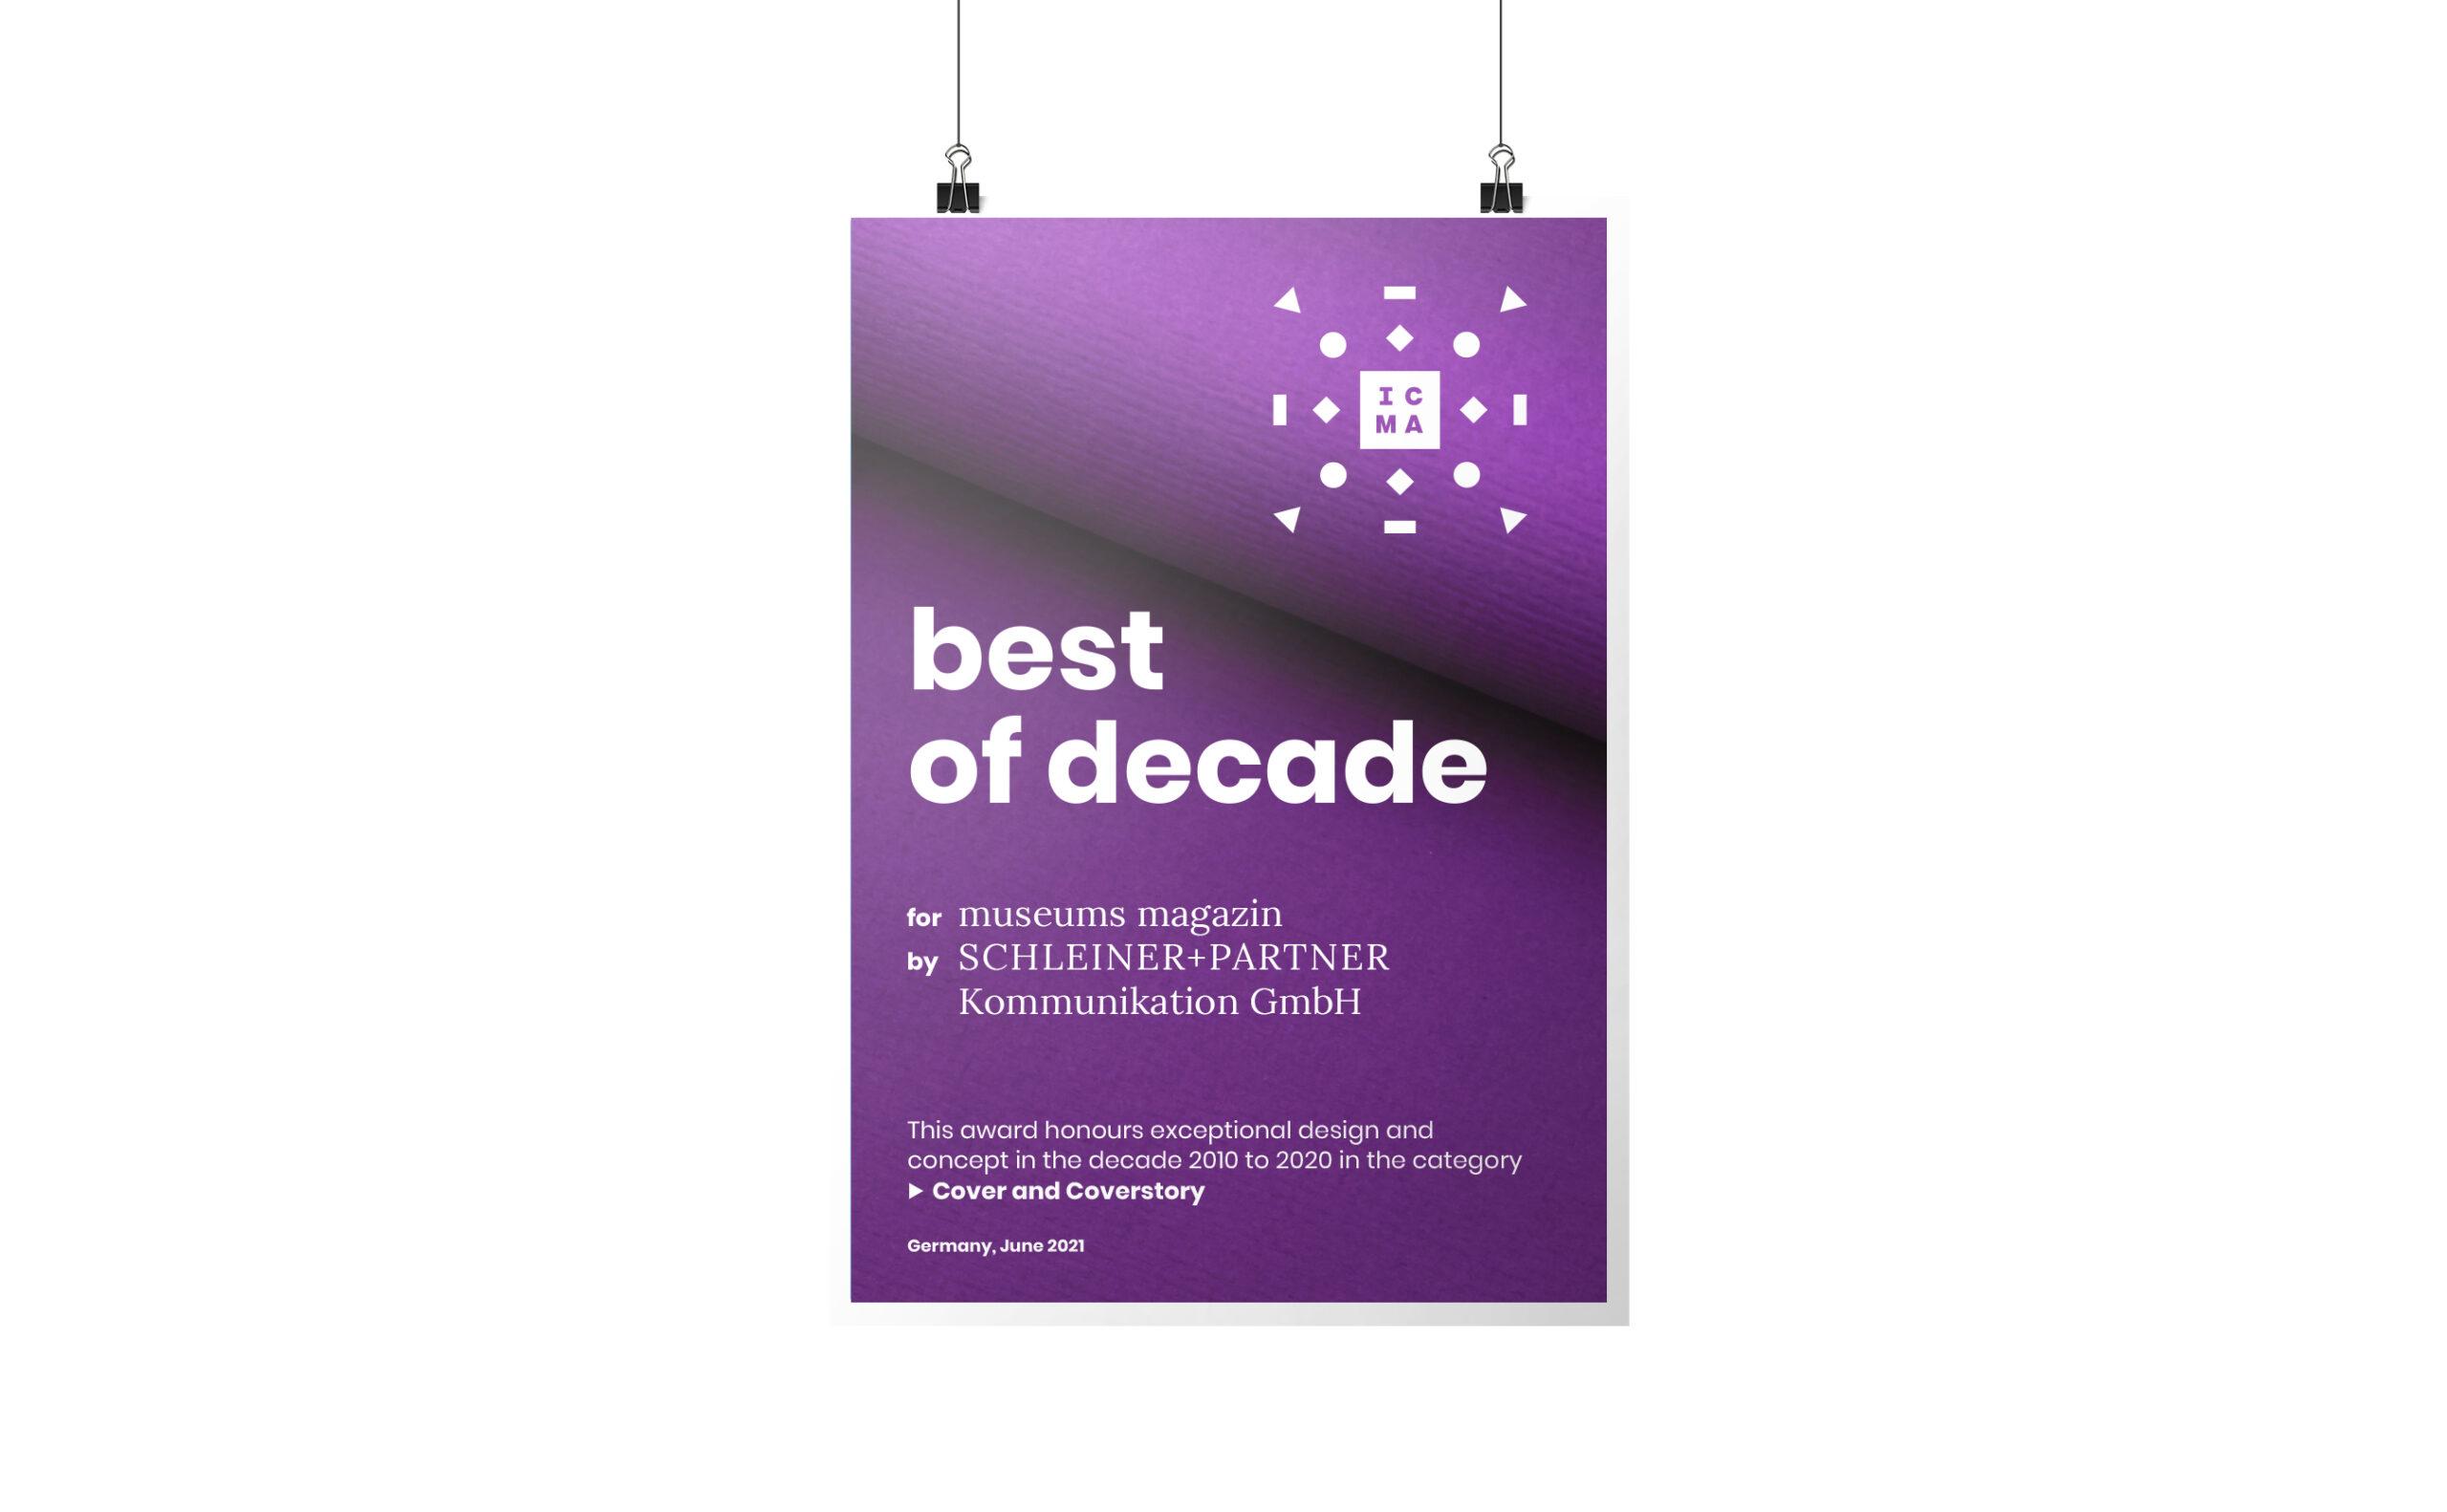 Auszeichnung best of decade für das Museums Magazin von Werbeagentur Schleiner + Partner